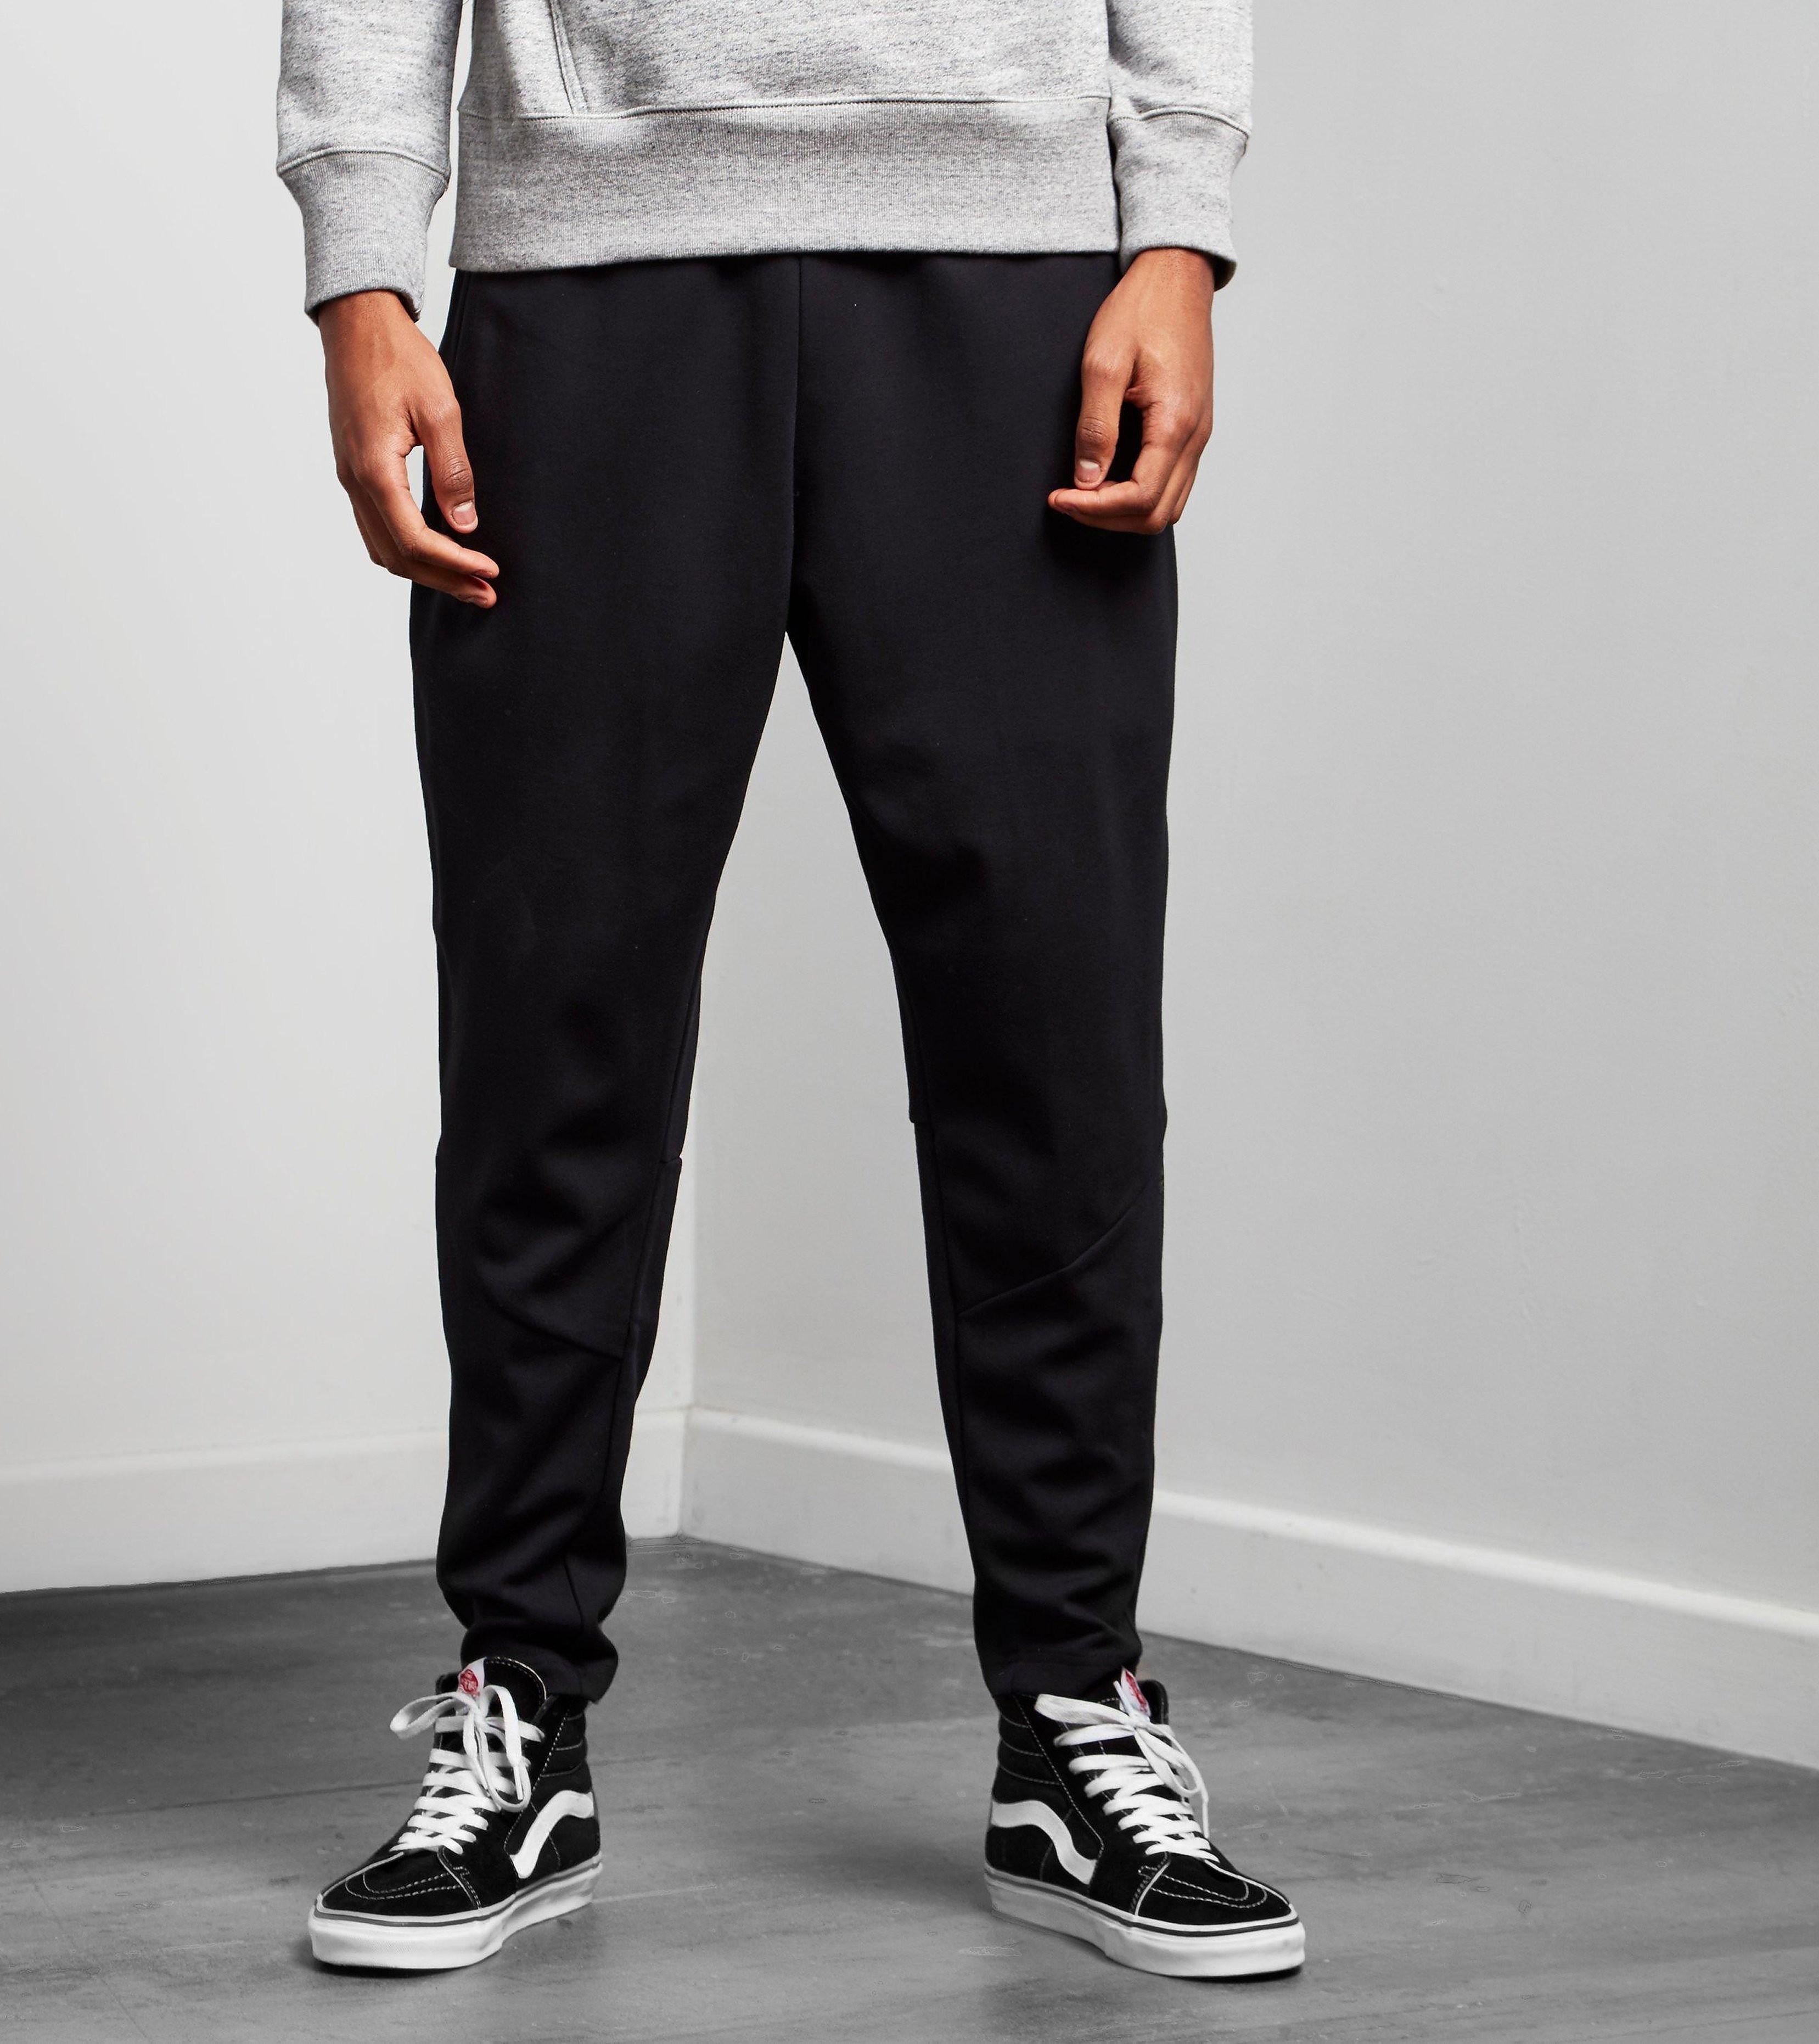 adidas Originals Z.N.E Pant